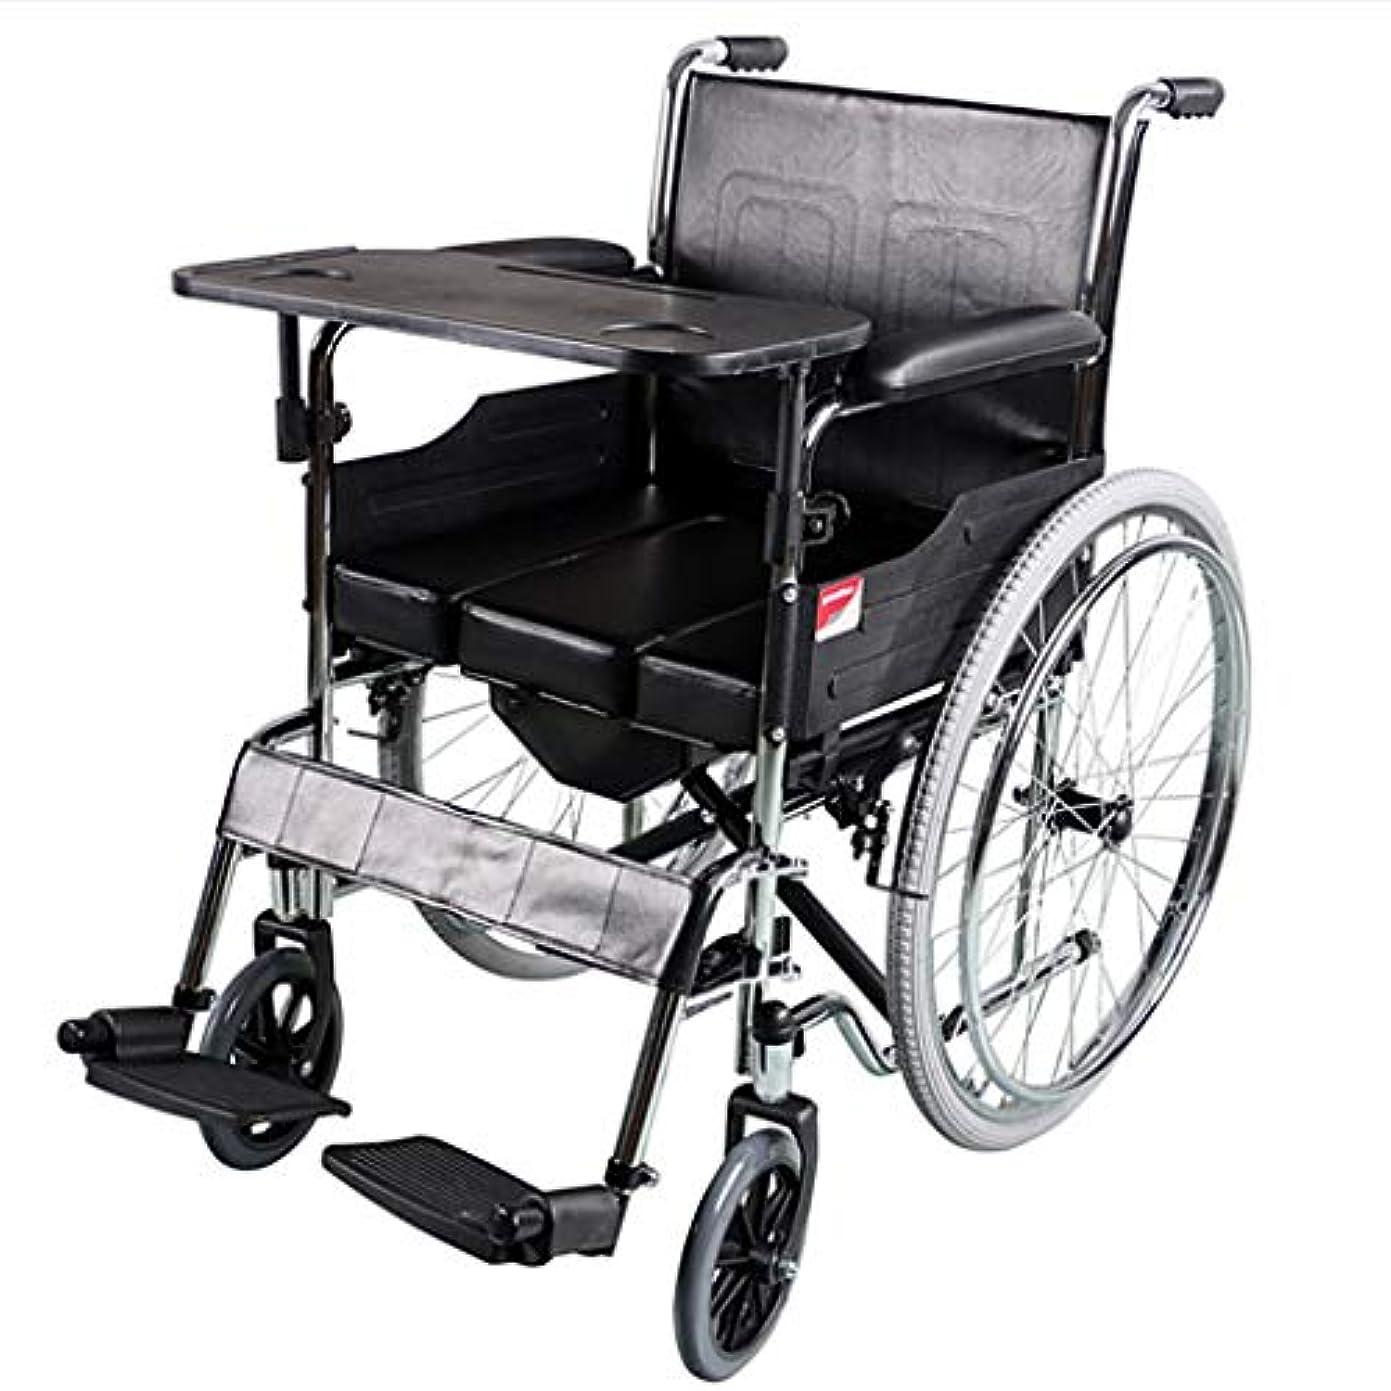 帰するコショウアイスクリーム可動式トイレ/折りたたみ式/統合型車椅子、食事用テーブル付き車椅子多機能。高齢者障害者支援